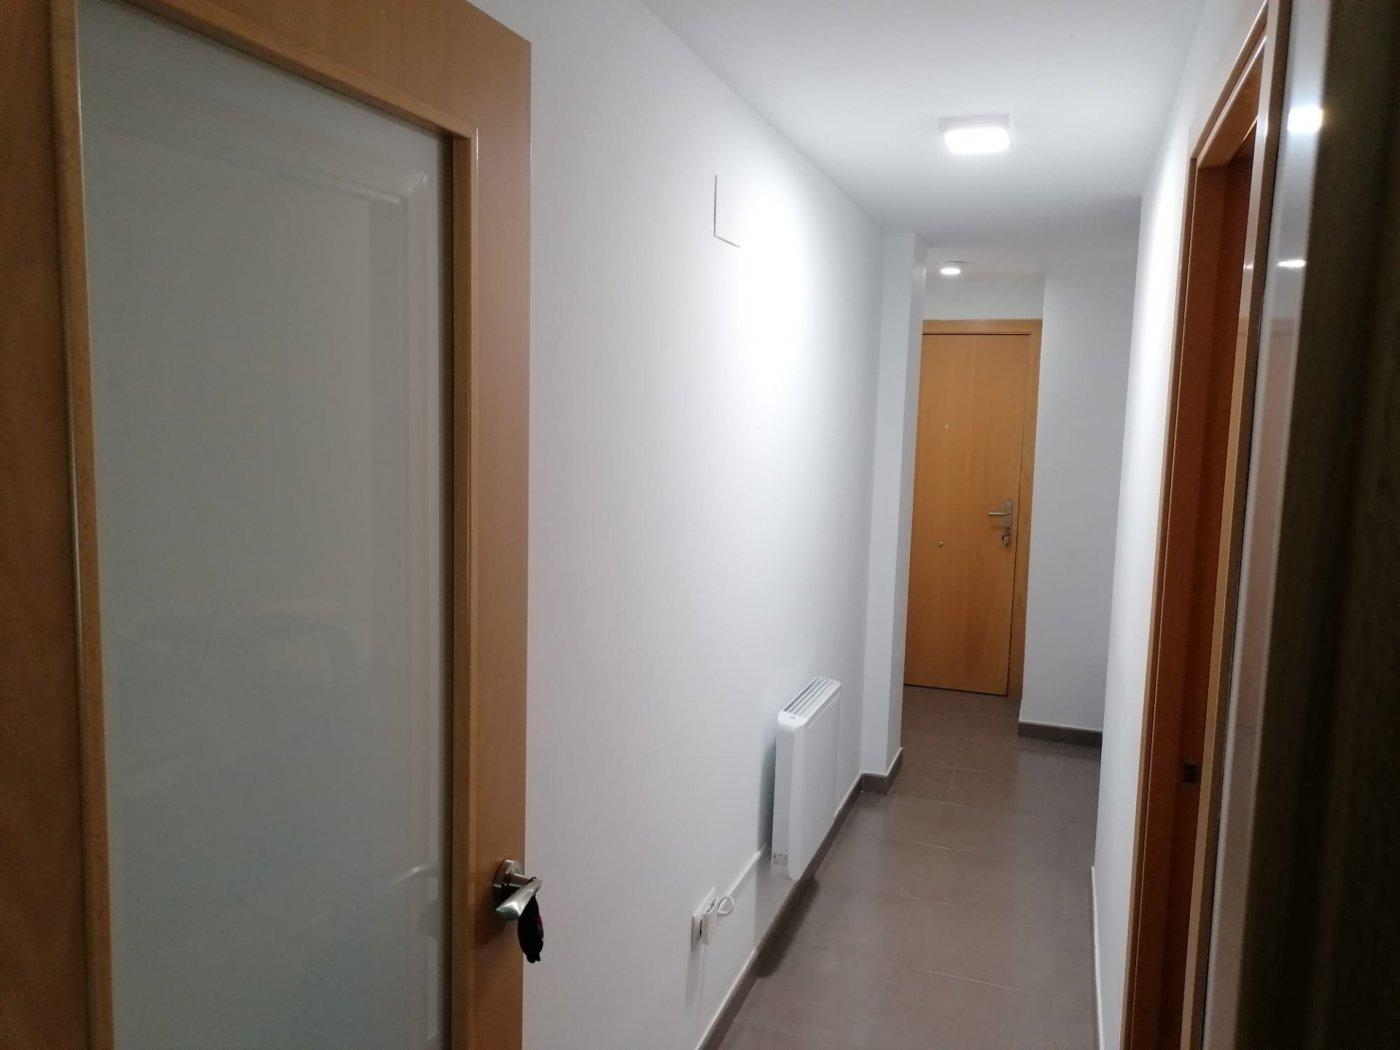 Fantástico apartamento en peñíscola 1 hab - imagenInmueble12